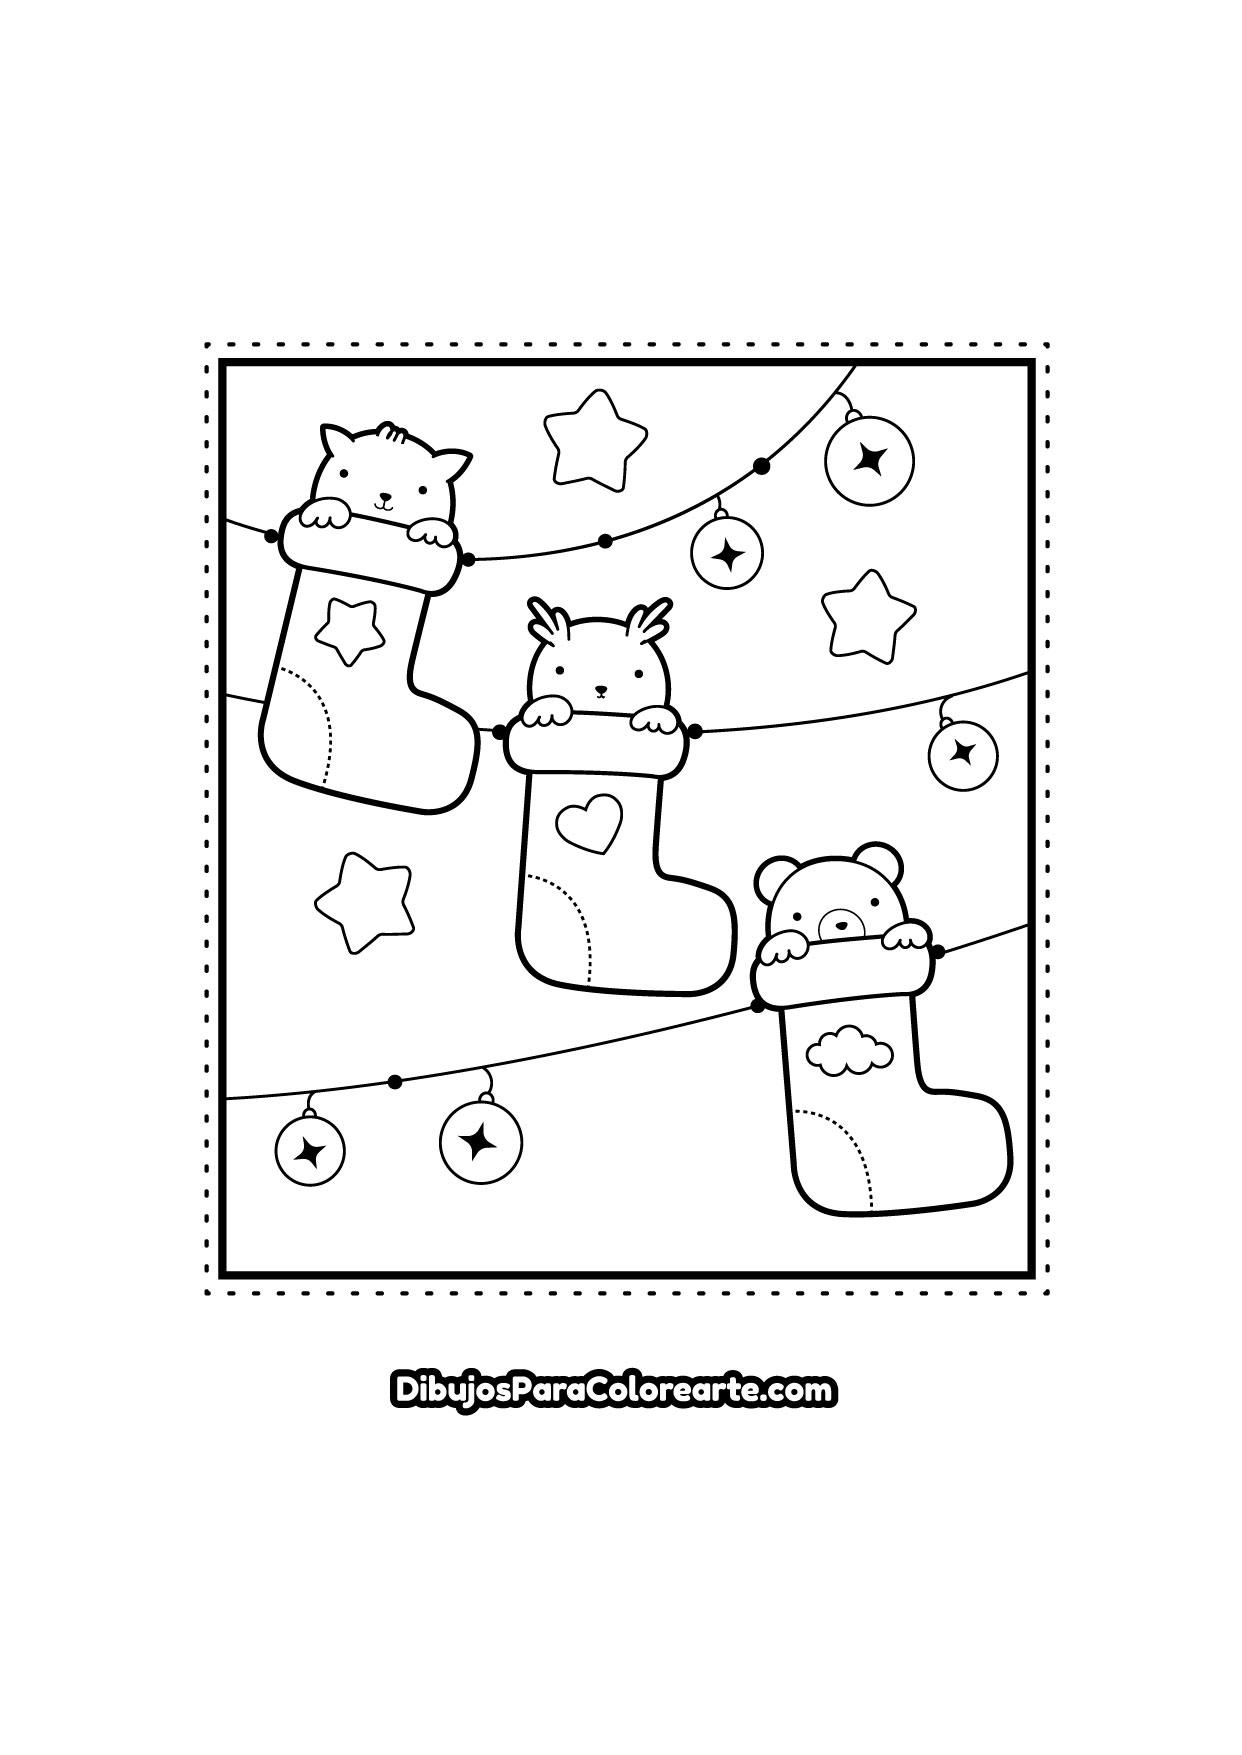 Dibujos Para Pintar De Navidad Dibujos Para Colorearte